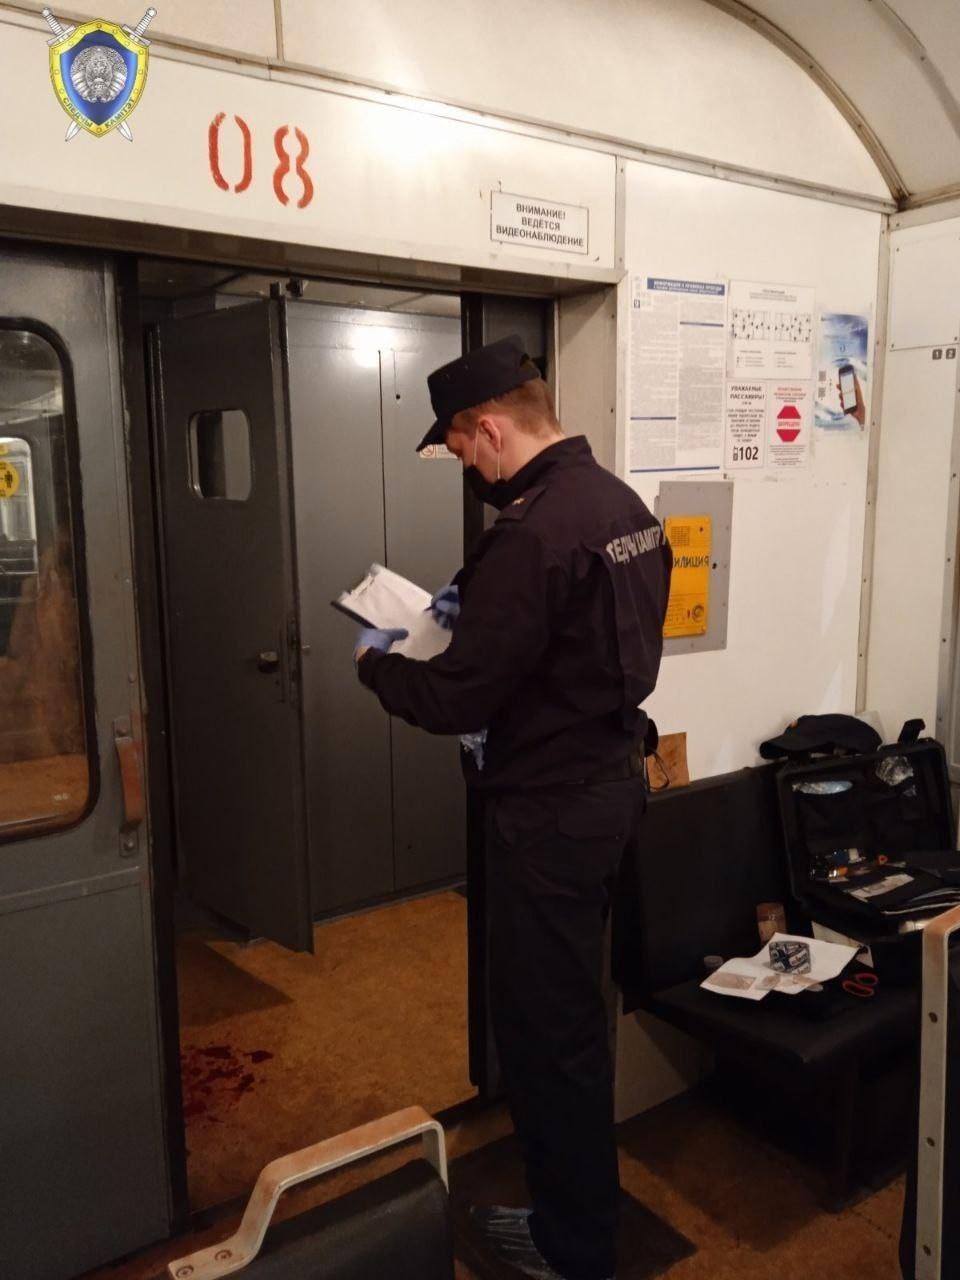 В электричке Минск — Барановичи один пассажир ударил другого ножом. Пострадавший скончался